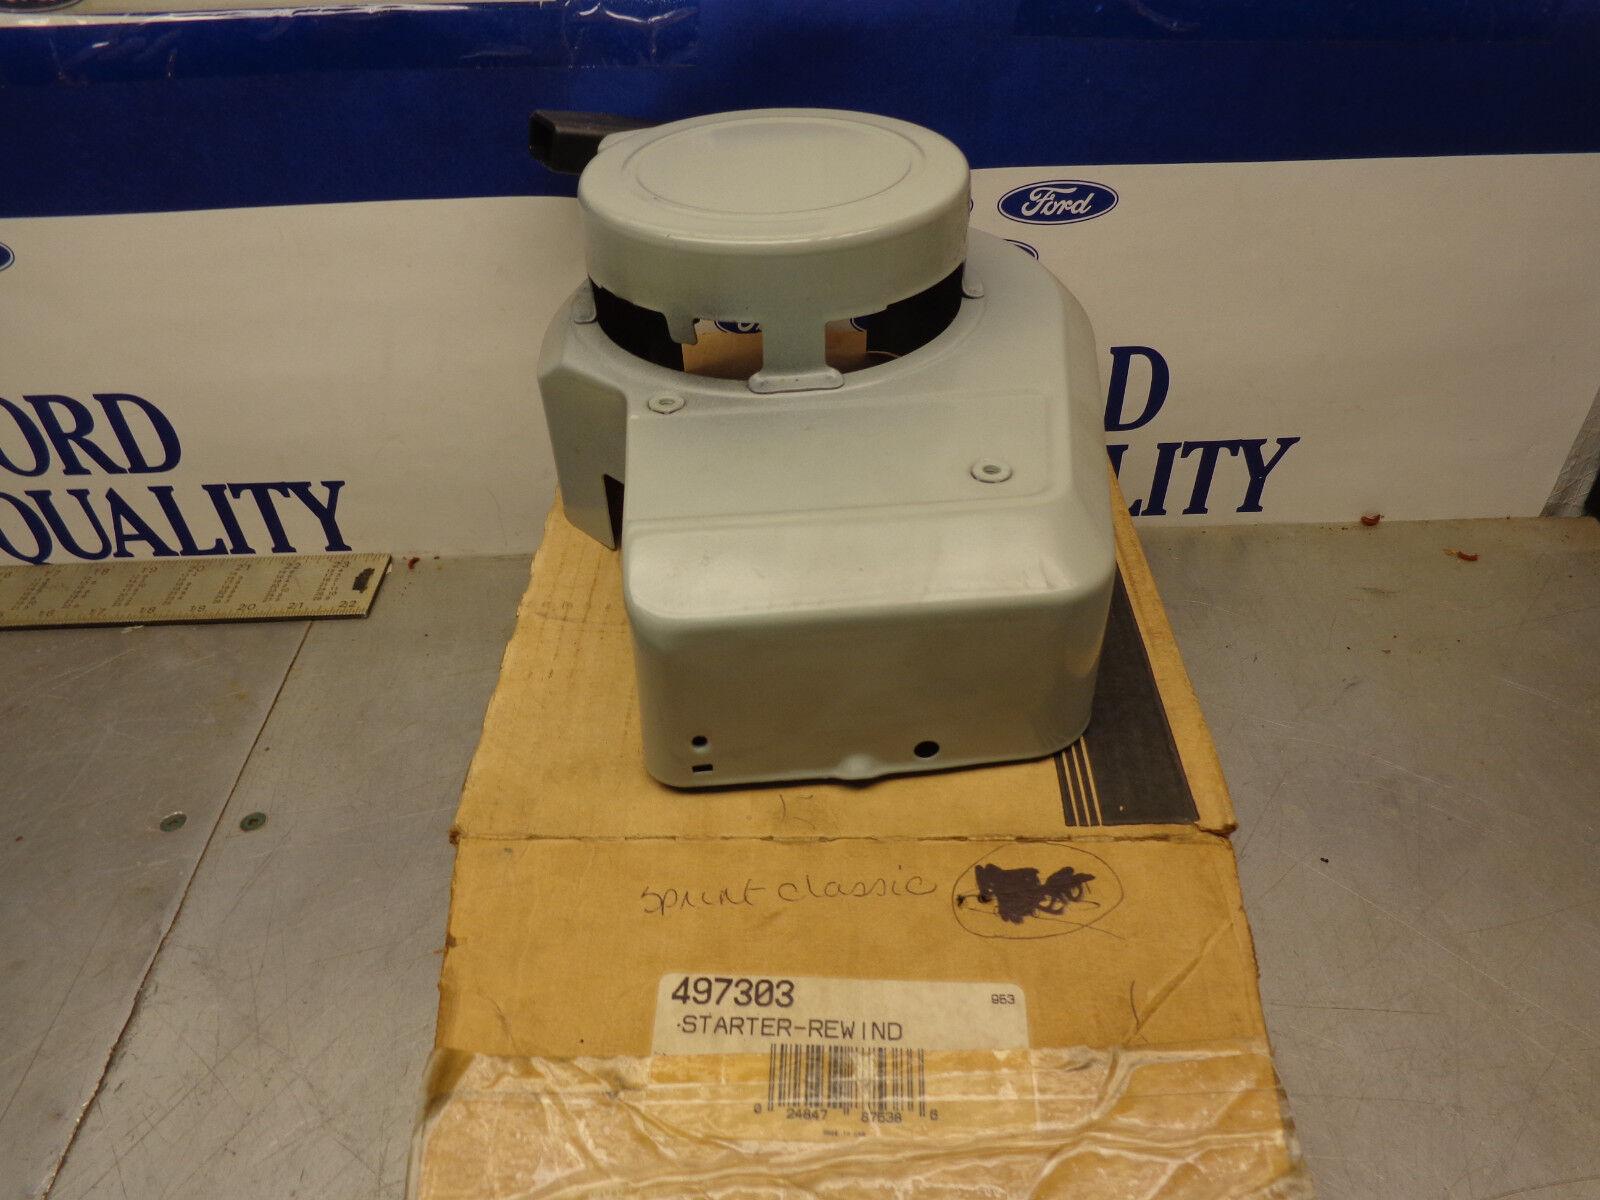 Original Equipment Manufacturer Briggs 497303 Rebobinado retroceso ARRANQUE Caja del soplador Sudario Cover ahora 499915